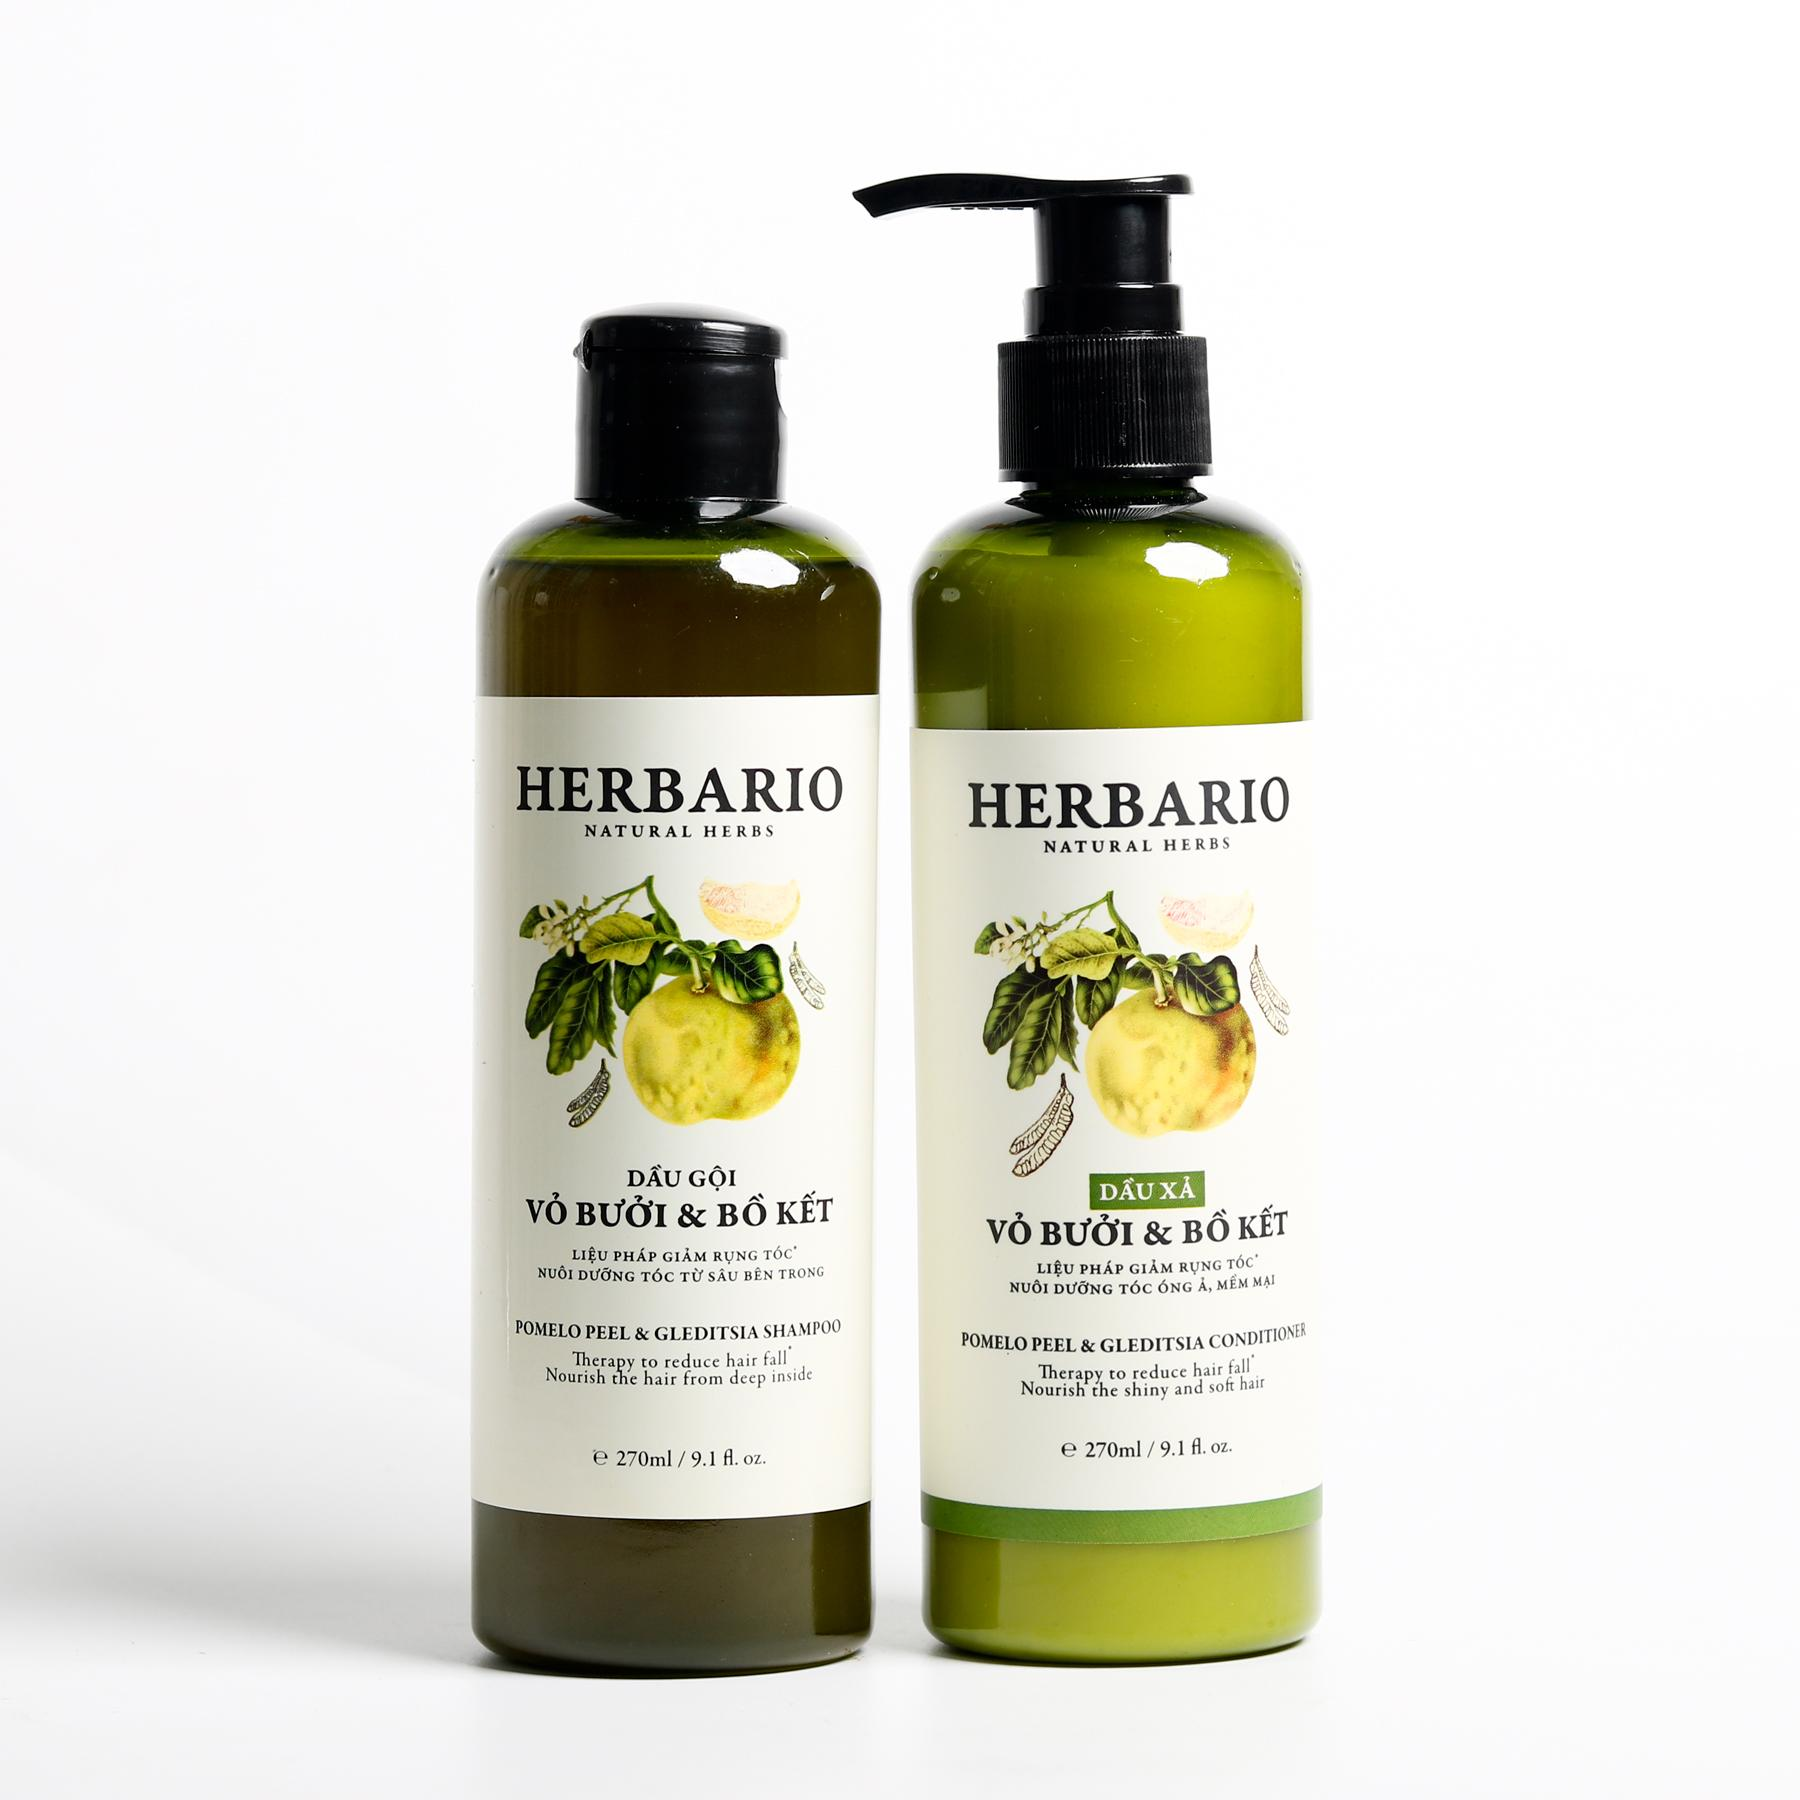 Bộ dầu gội xả vỏ bưởi bồ kết Herbario giúp mọc tóc, dưỡng tóc tốt nhất